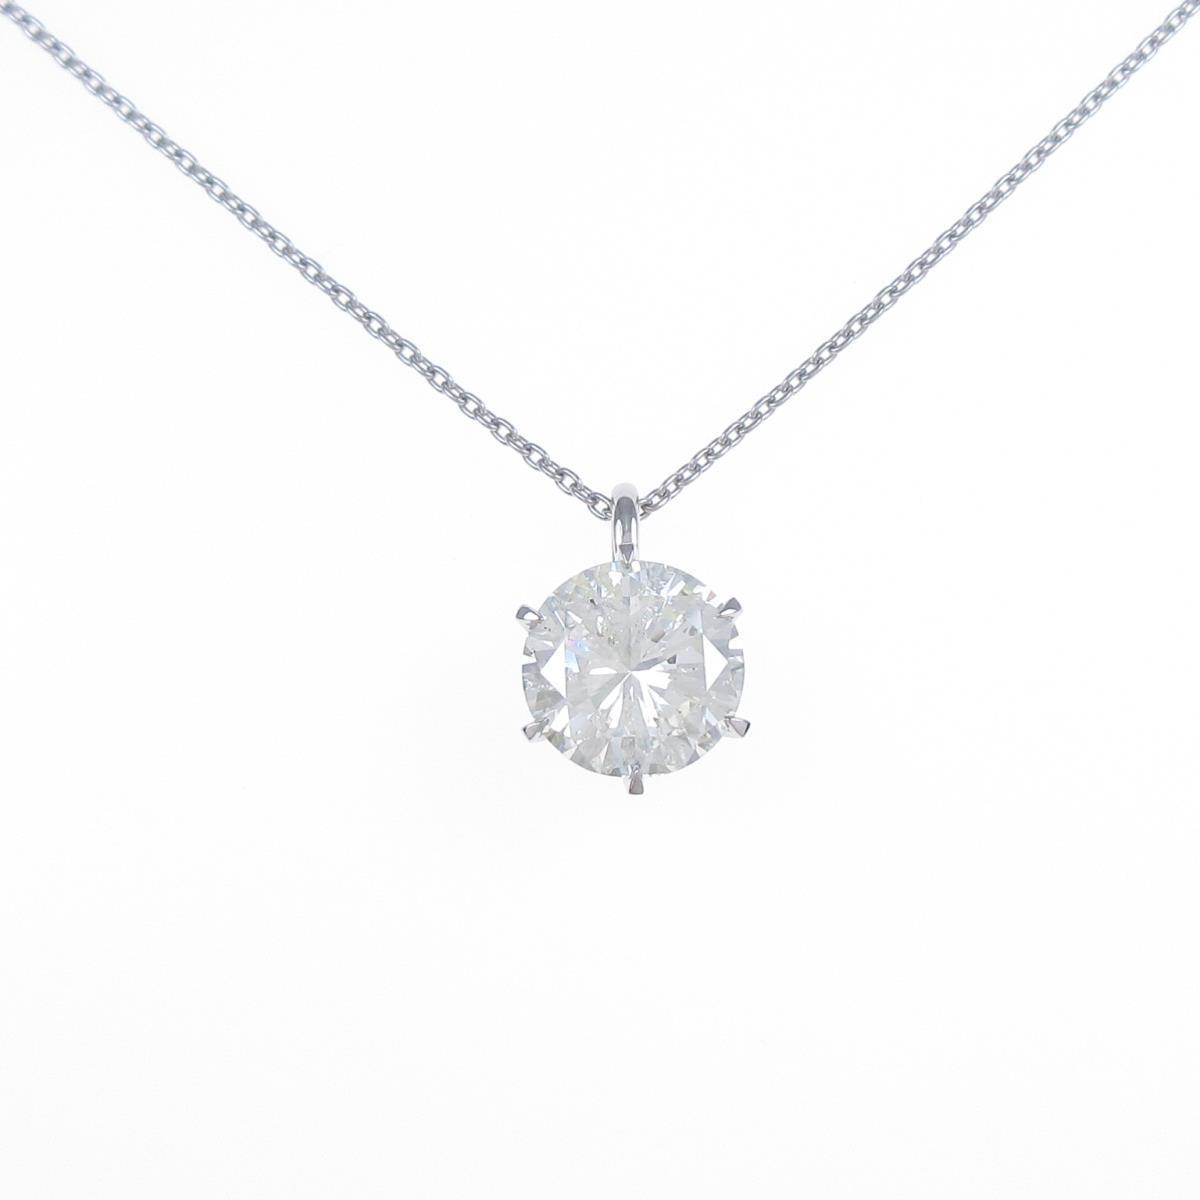 【リメイク】プラチナダイヤモンドネックレス 3.501ct・M・SI2・GOOD【中古】